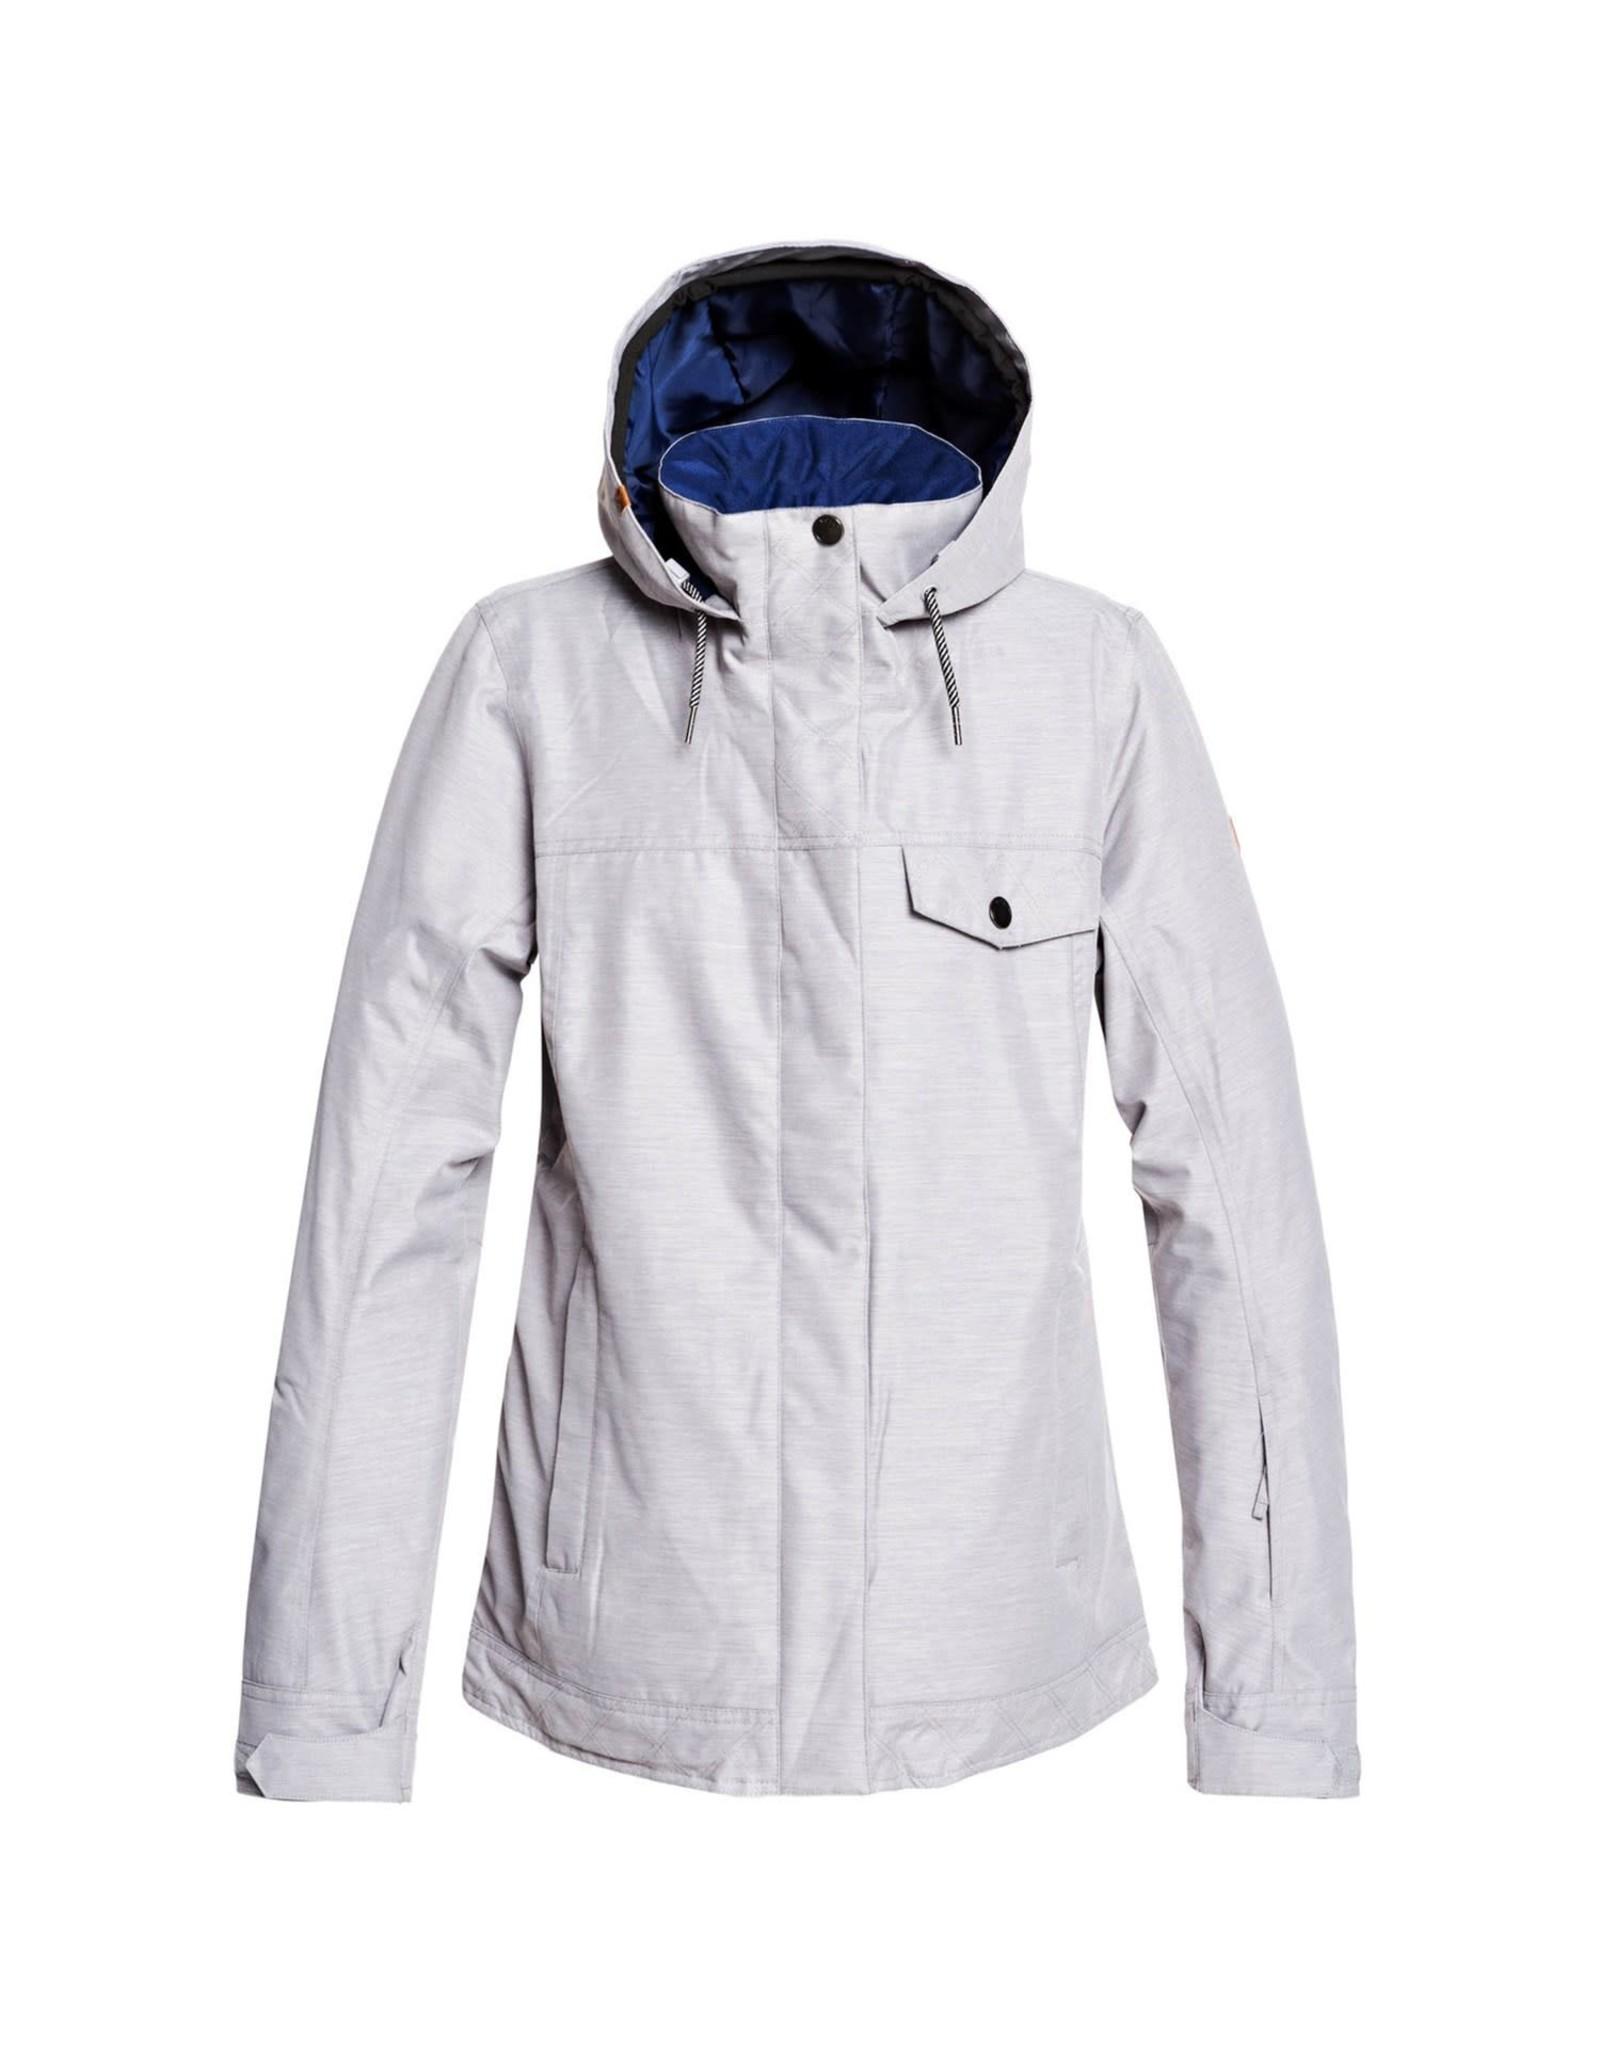 ROXY The Billie Snow Jacket